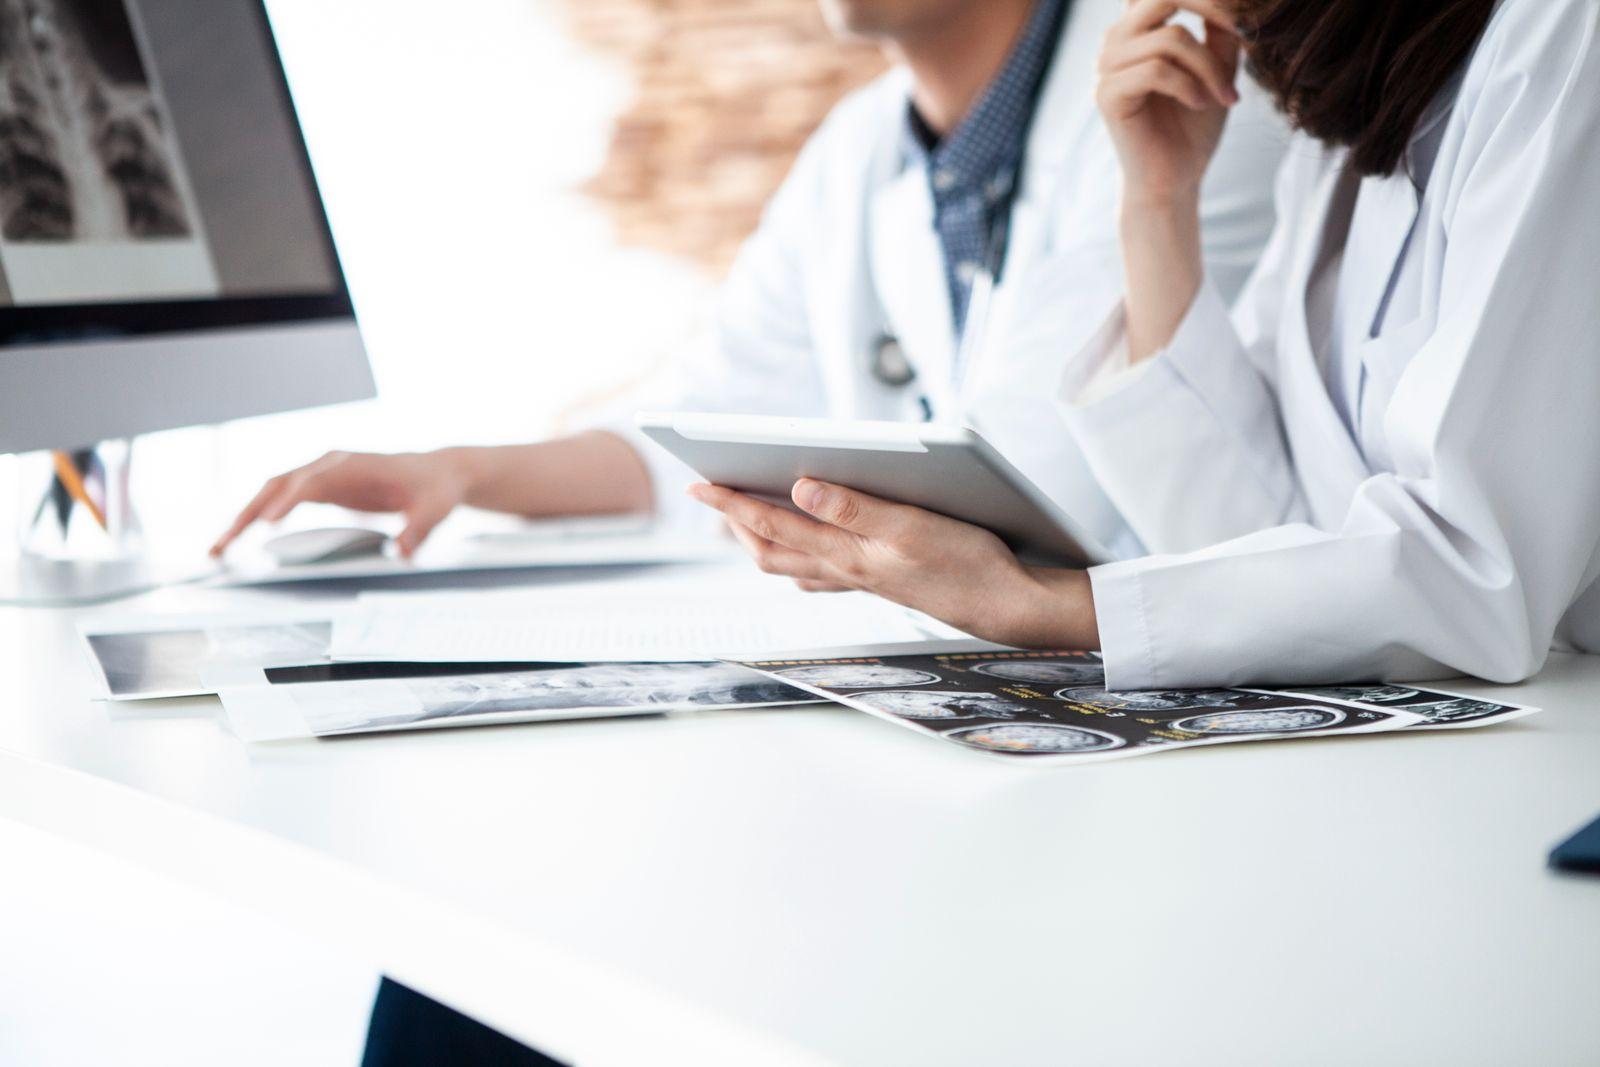 e-health / ehealth